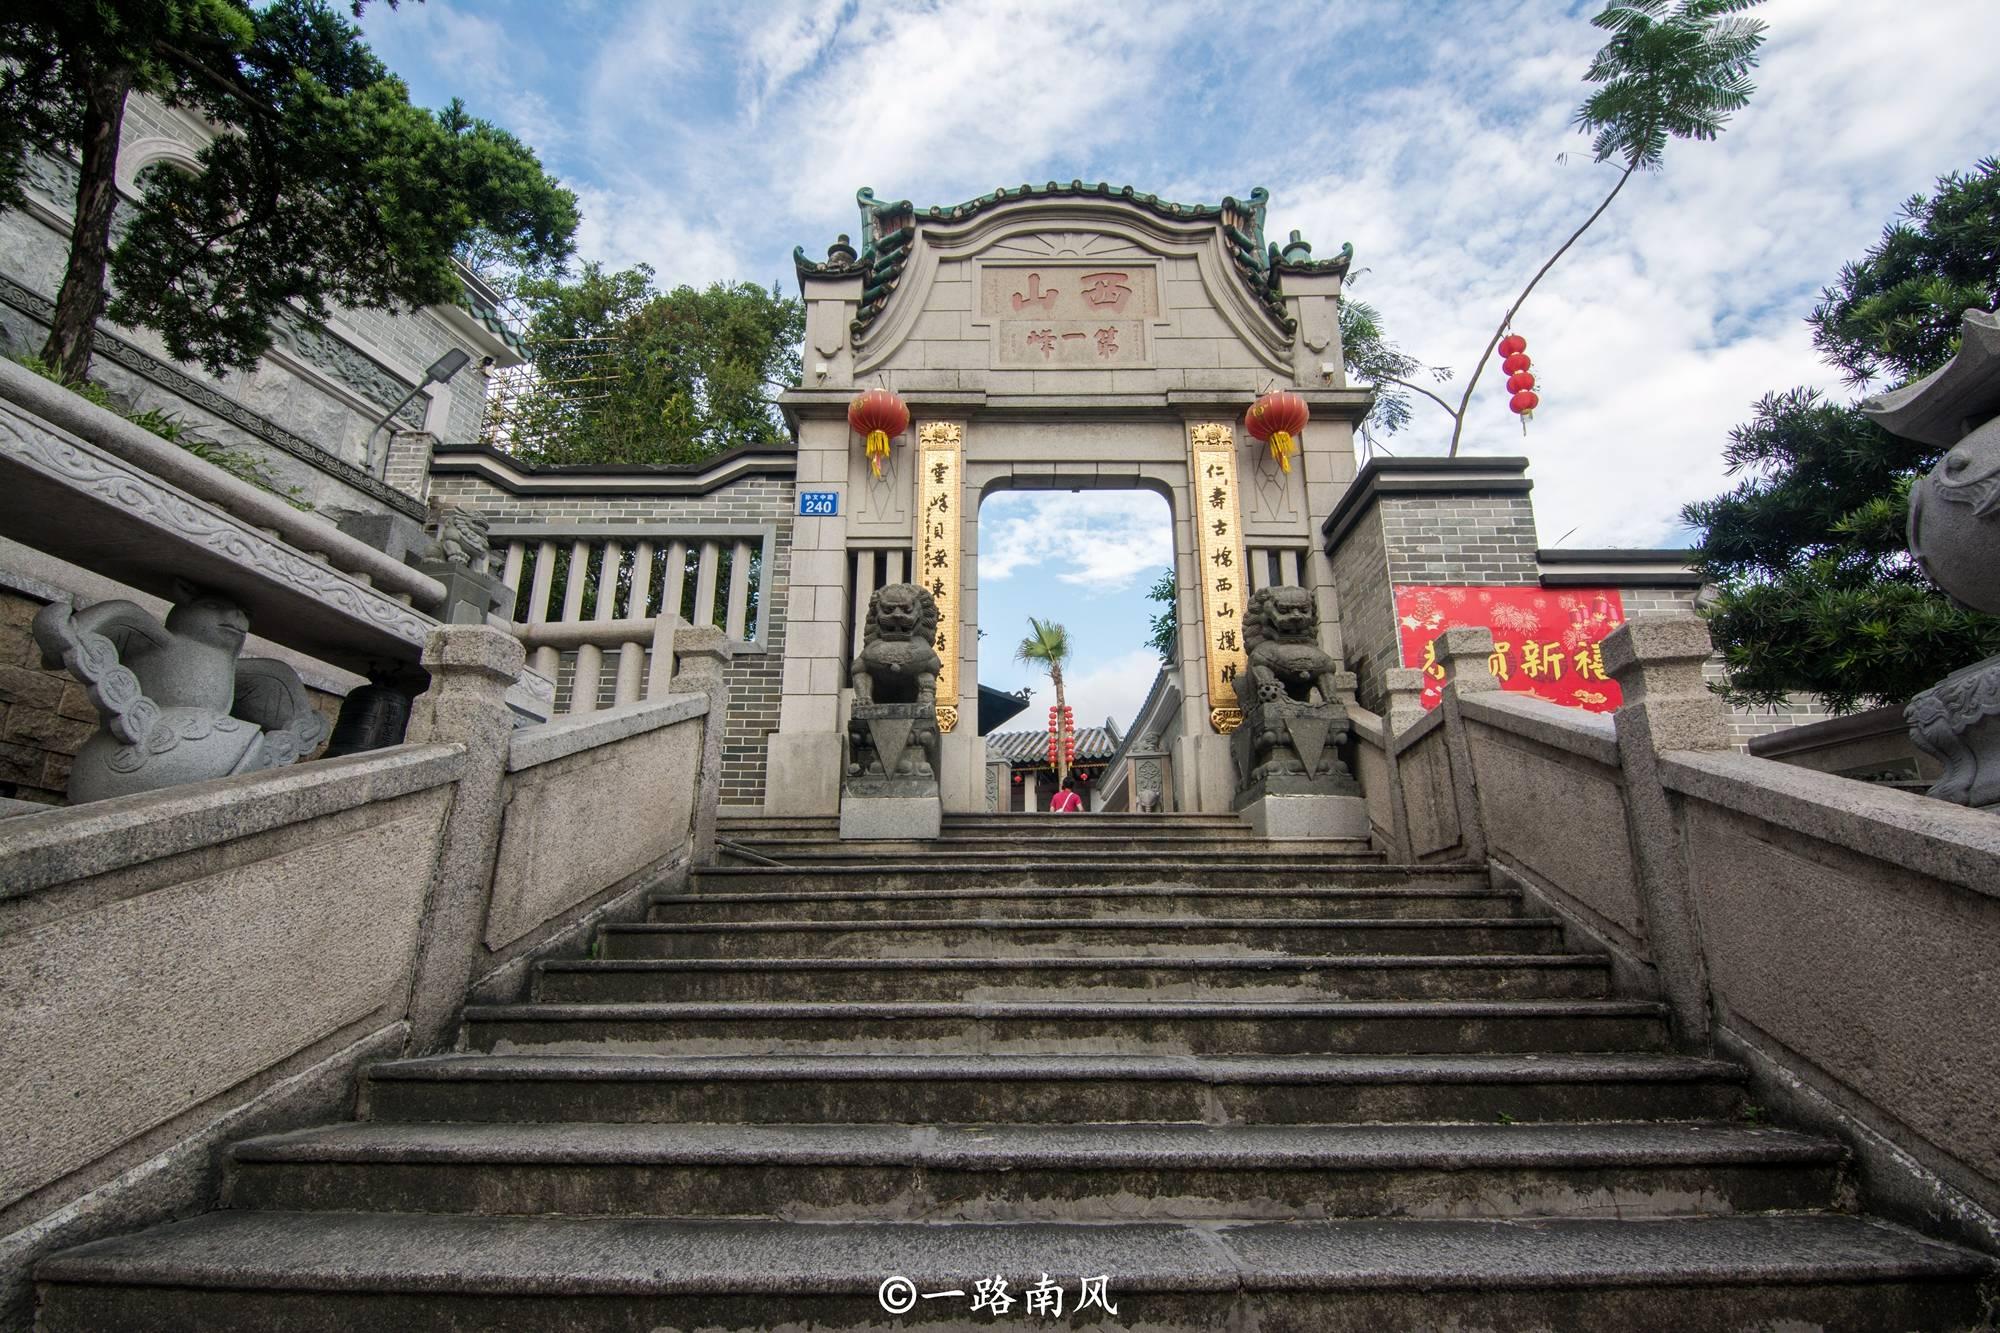 广东四小虎之一,因伟人而改名中山县,这些景点充满年代感